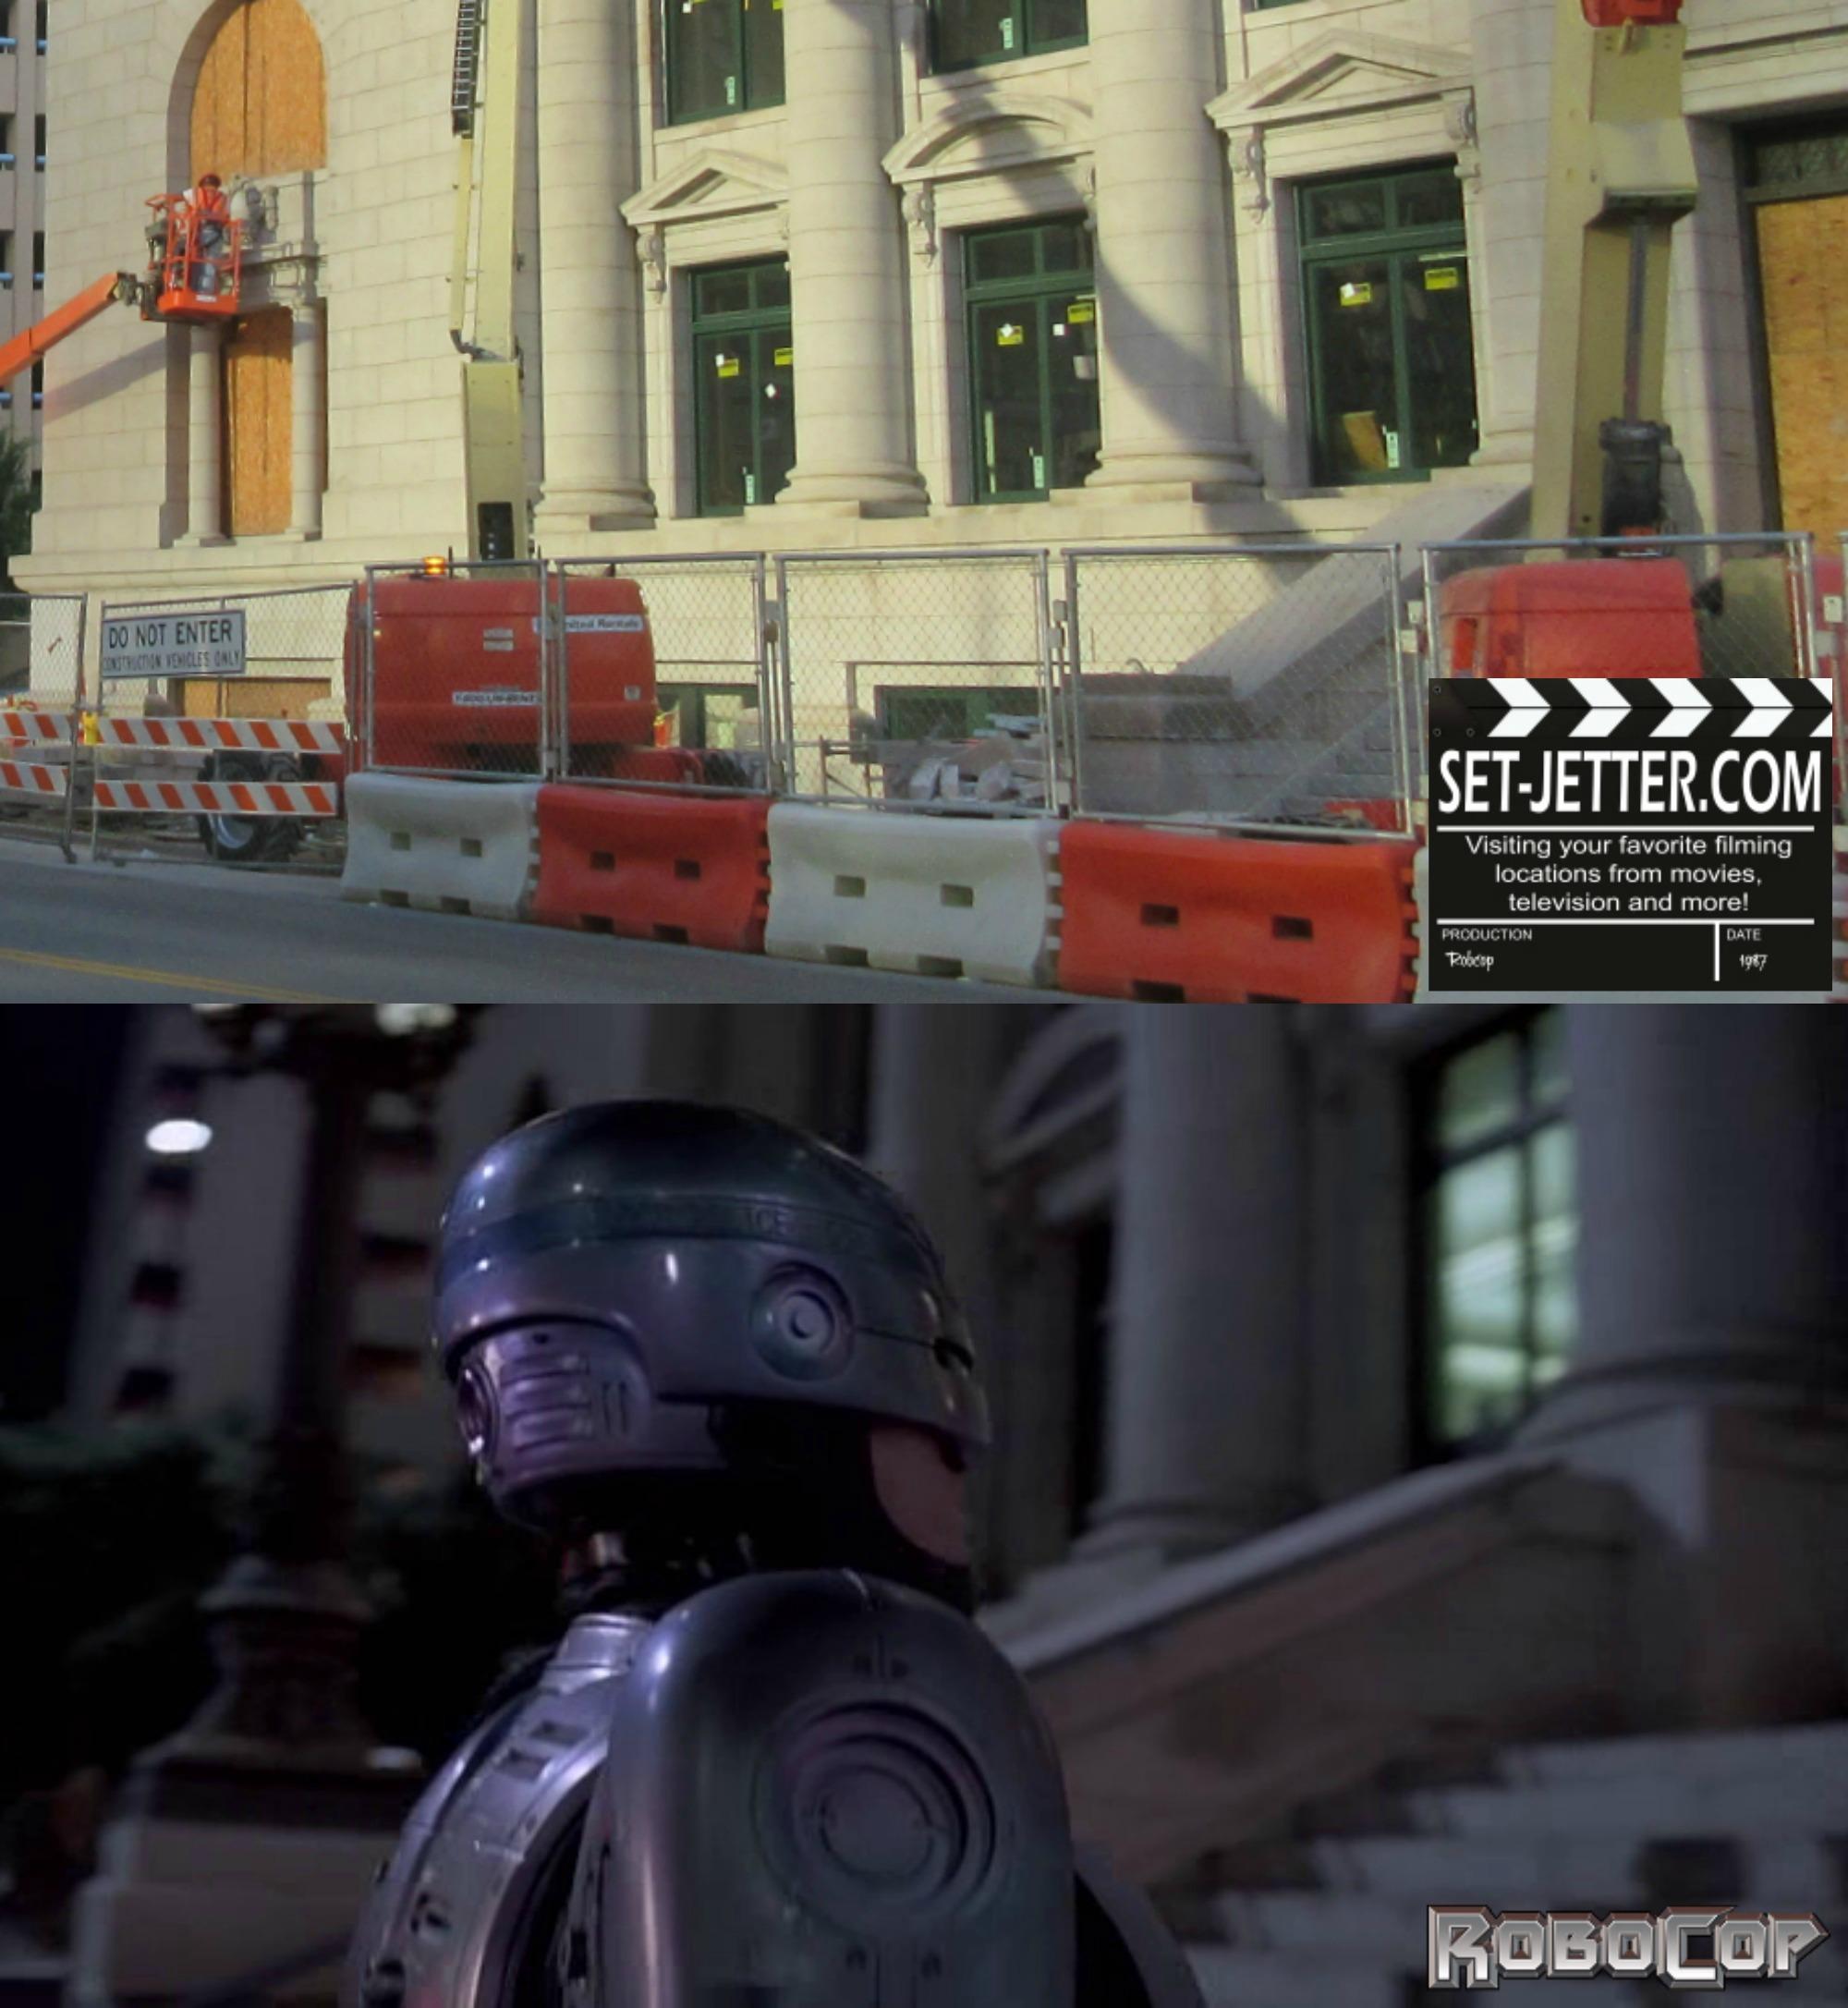 Robocop comparison 83.jpg